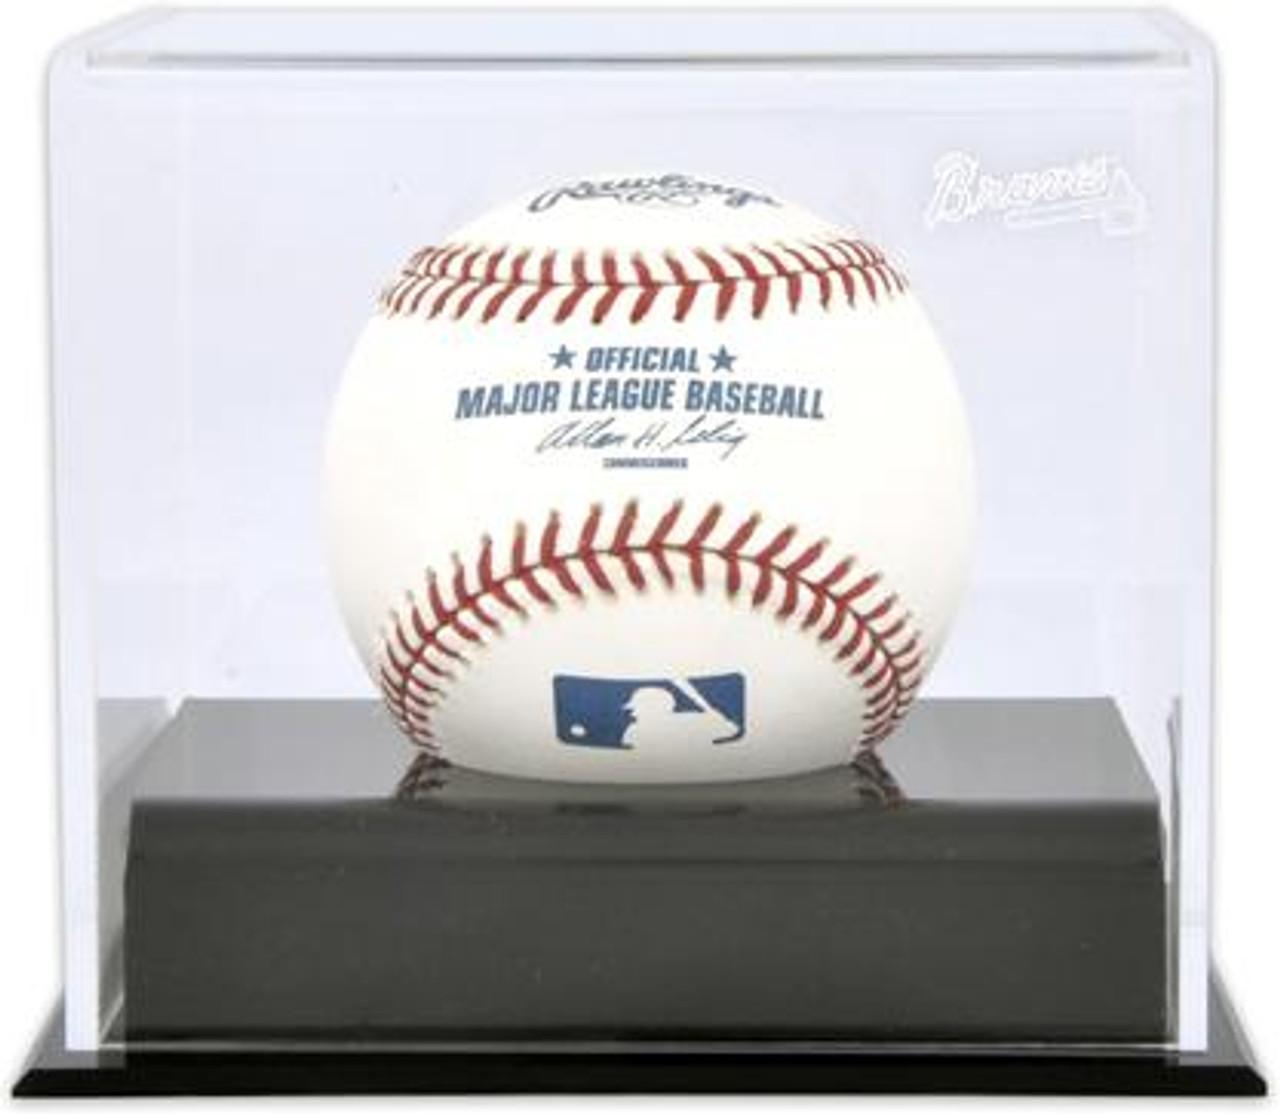 fd5e0626416 Deluxe MLB Baseball Cube Braves Display Case